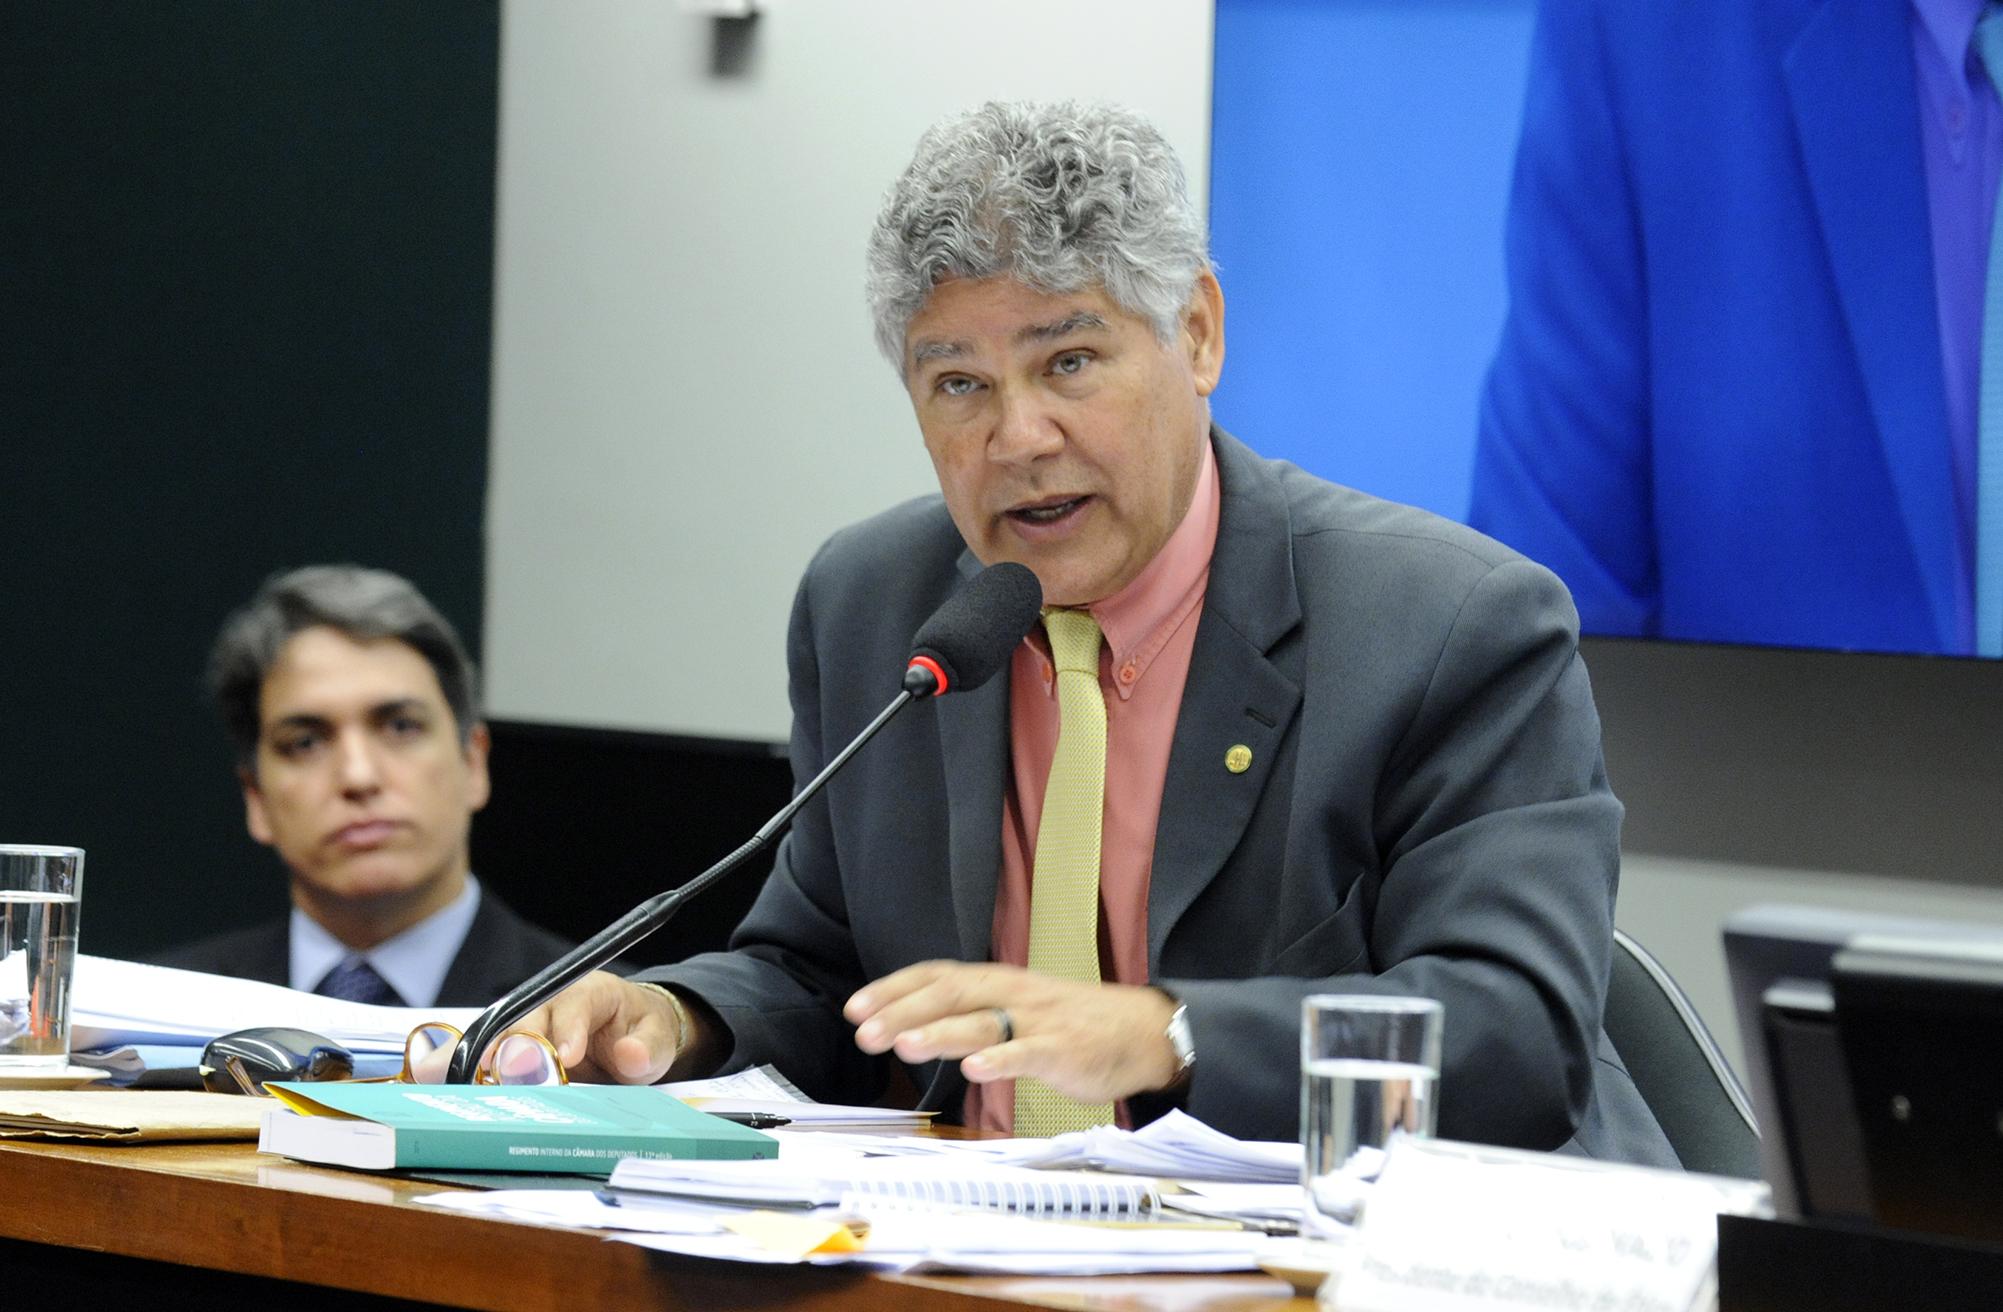 Reunião para apreciação do parecer do processo nº 04/15, referente à representação nº 04/15, do Partido Solidariedade (SD), em desfavor do Dep. Chico Alencar (PSOL/RJ)